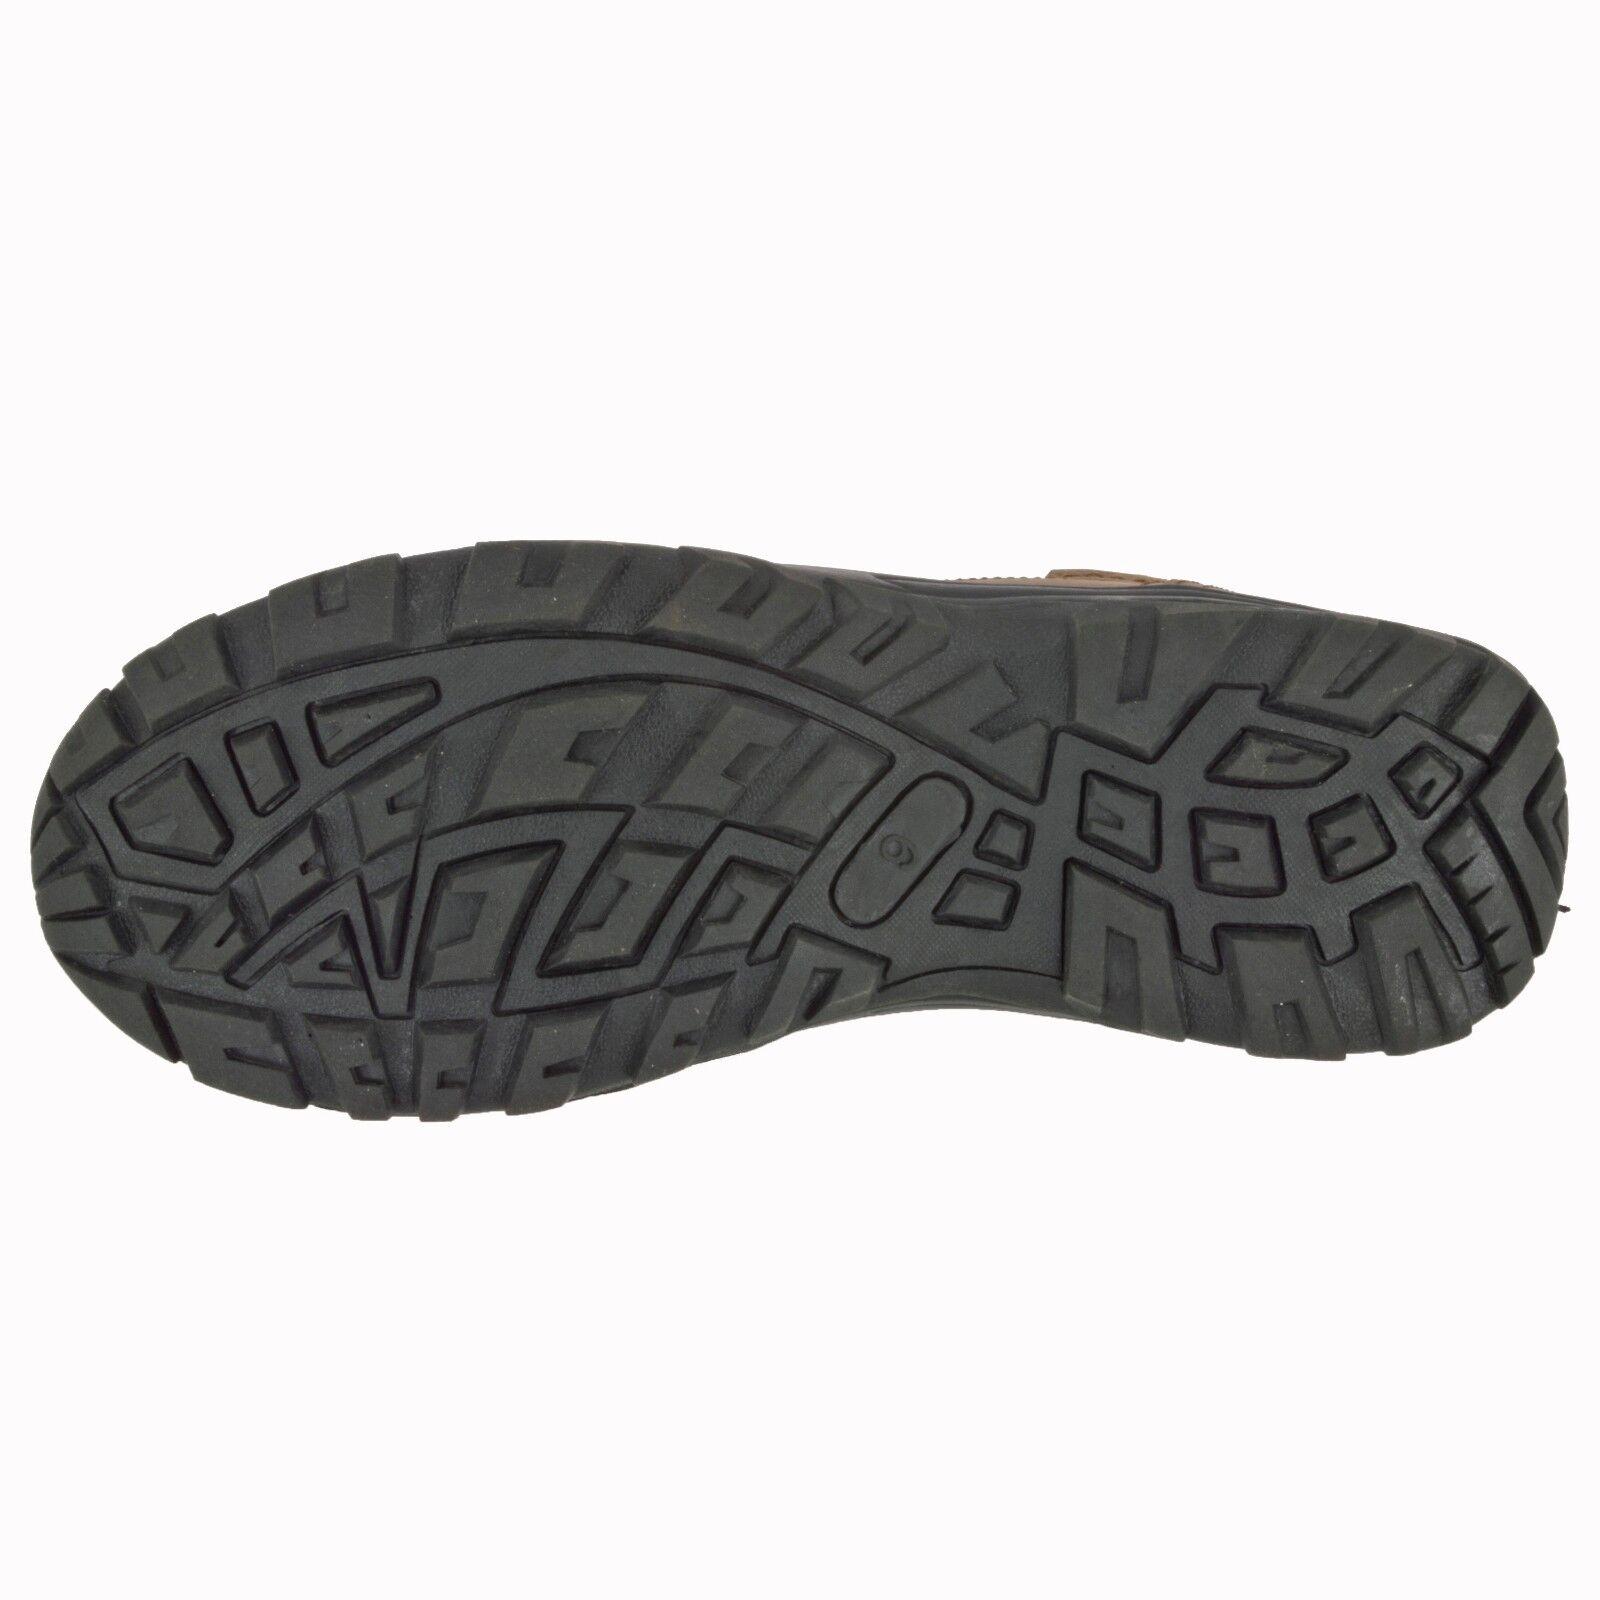 Rock hill northside uomini cuoio upper met stivali scarpe scarpe scarpe memory foam soletta noi 9 d69b7b